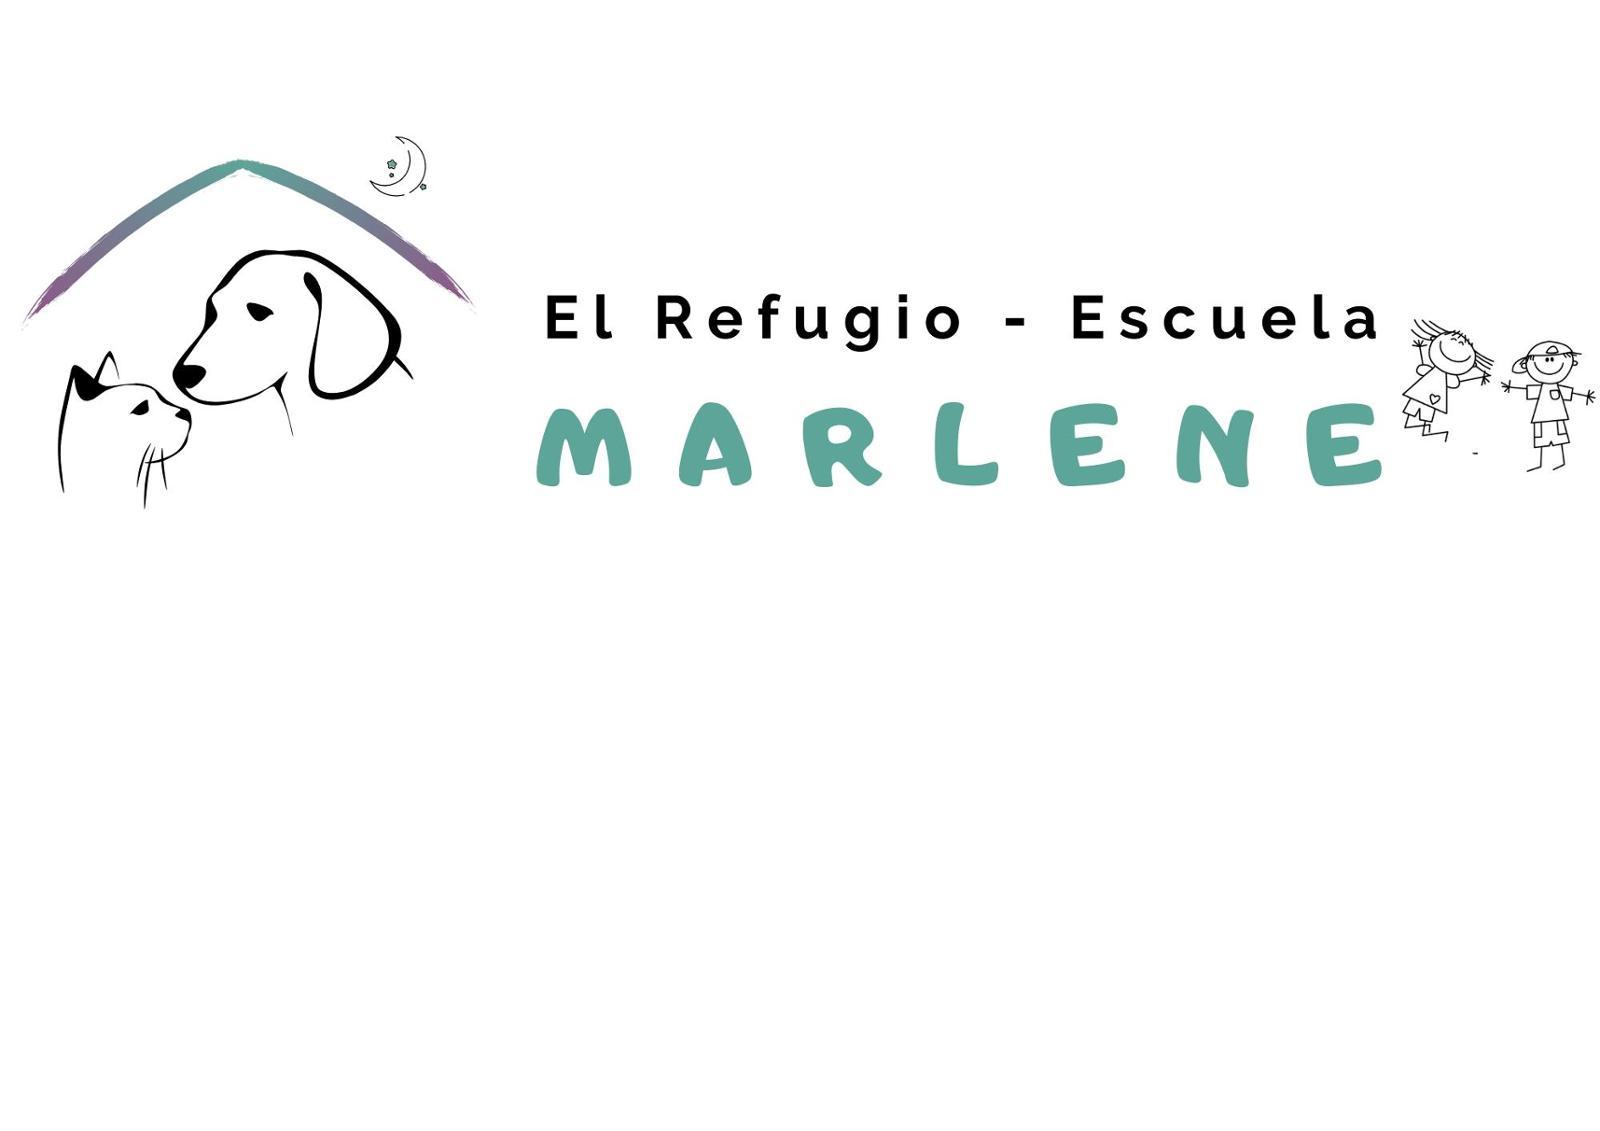 El Refugio - Escuela MARLENE